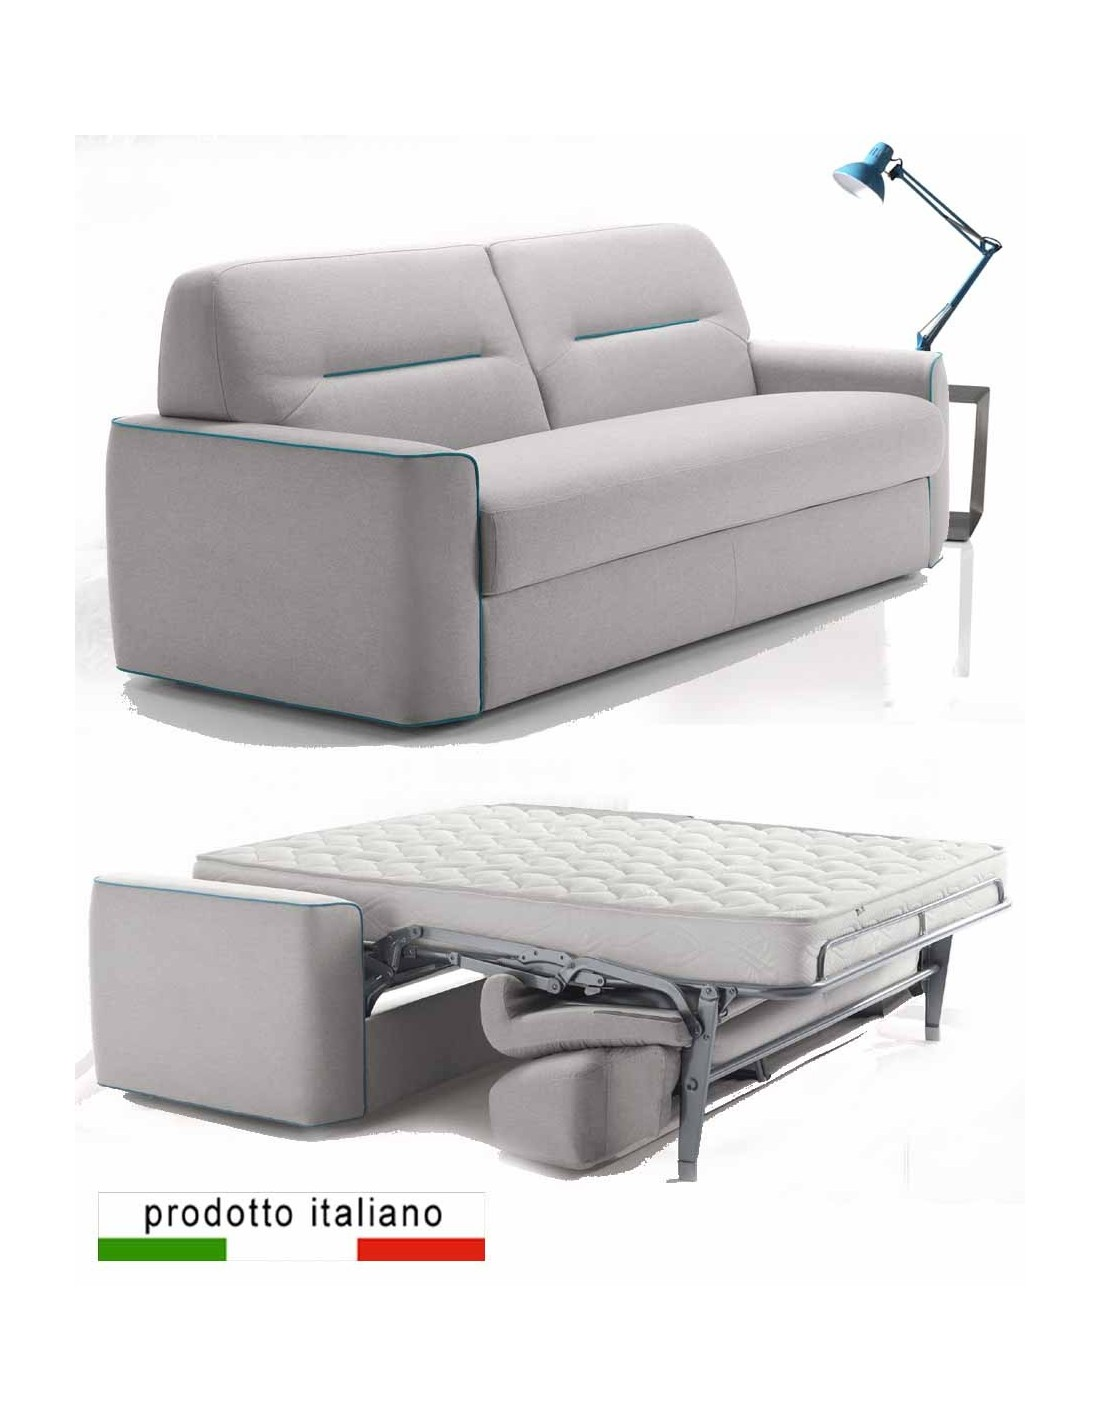 Divano letto piazza e mezza francese con materasso 140x190 - Materasso divano letto una piazza e mezza ...